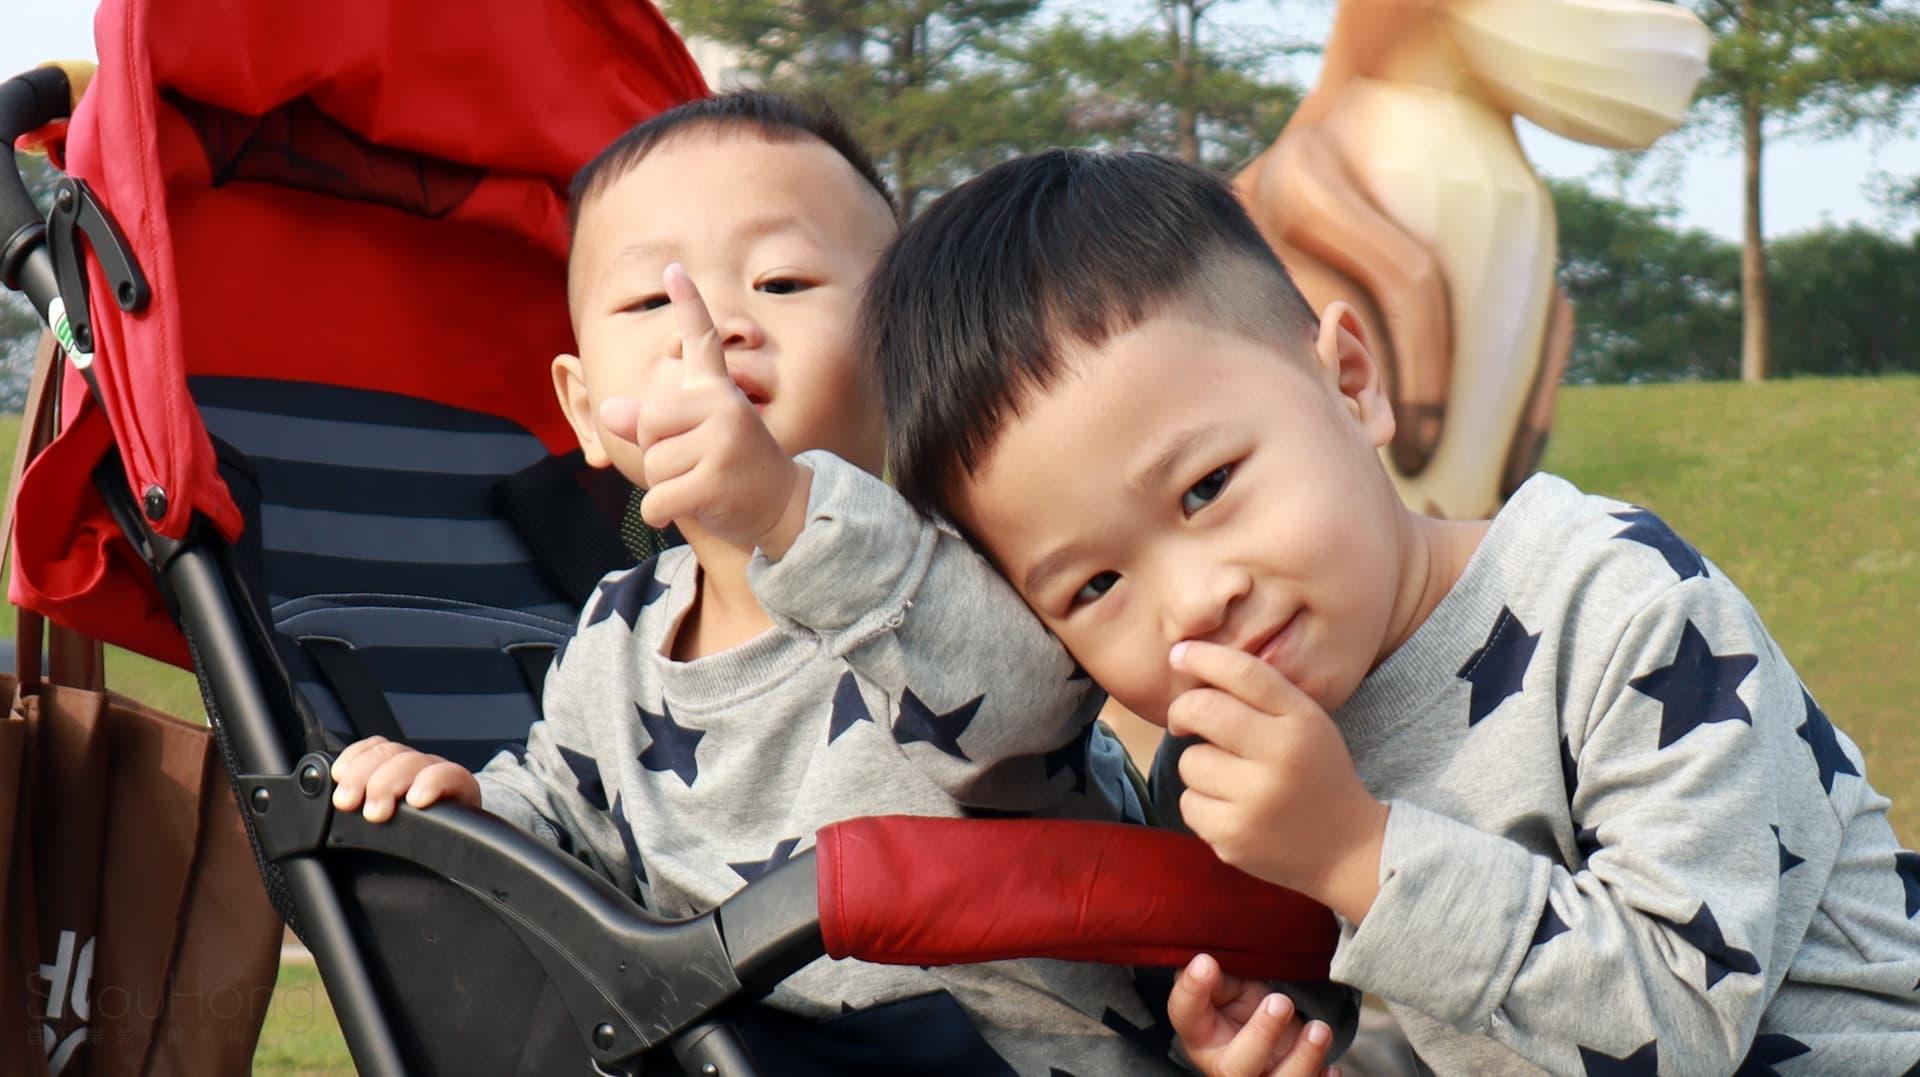 就連遙遠的香港小朋友其爸爸媽媽  給予動力、信心及支持  在一次與宏媽咪討論後  不再猶豫  決定衝開一切